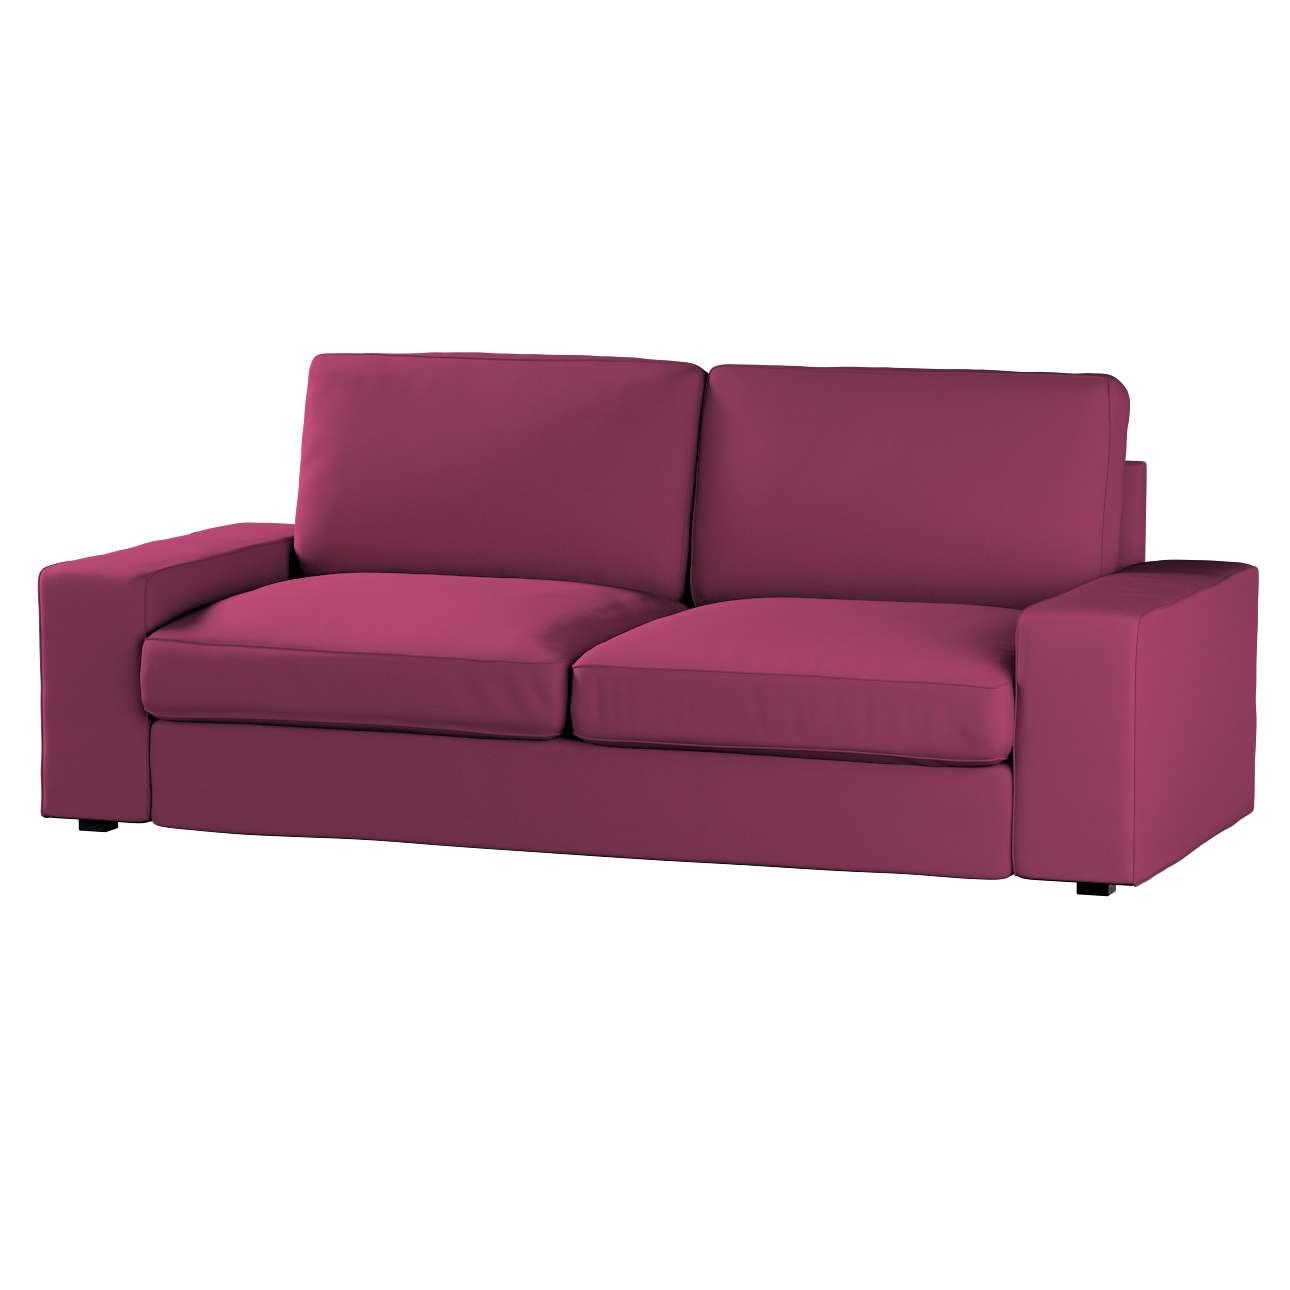 Pokrowiec na sofę Kivik 3-osobową, rozkładaną Sofa Kivik 3-osobowa rozkładana w kolekcji Cotton Panama, tkanina: 702-32